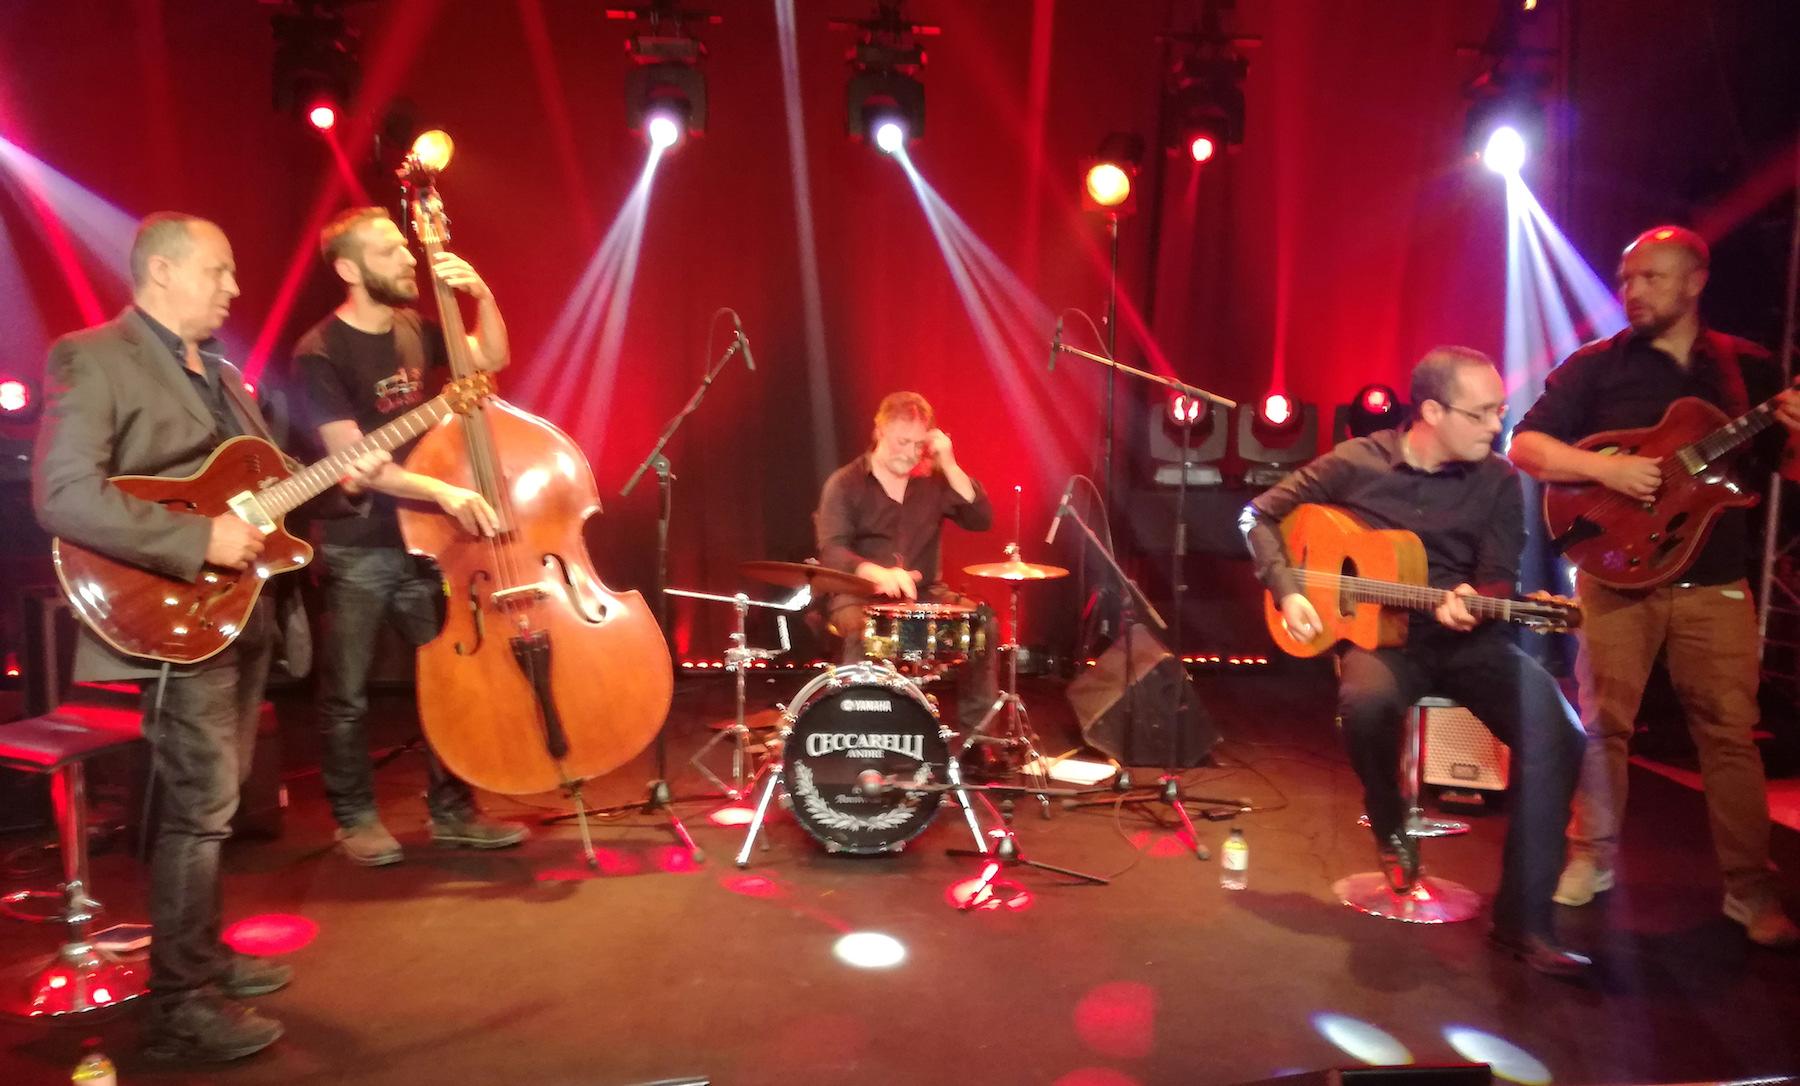 Gristi quartet